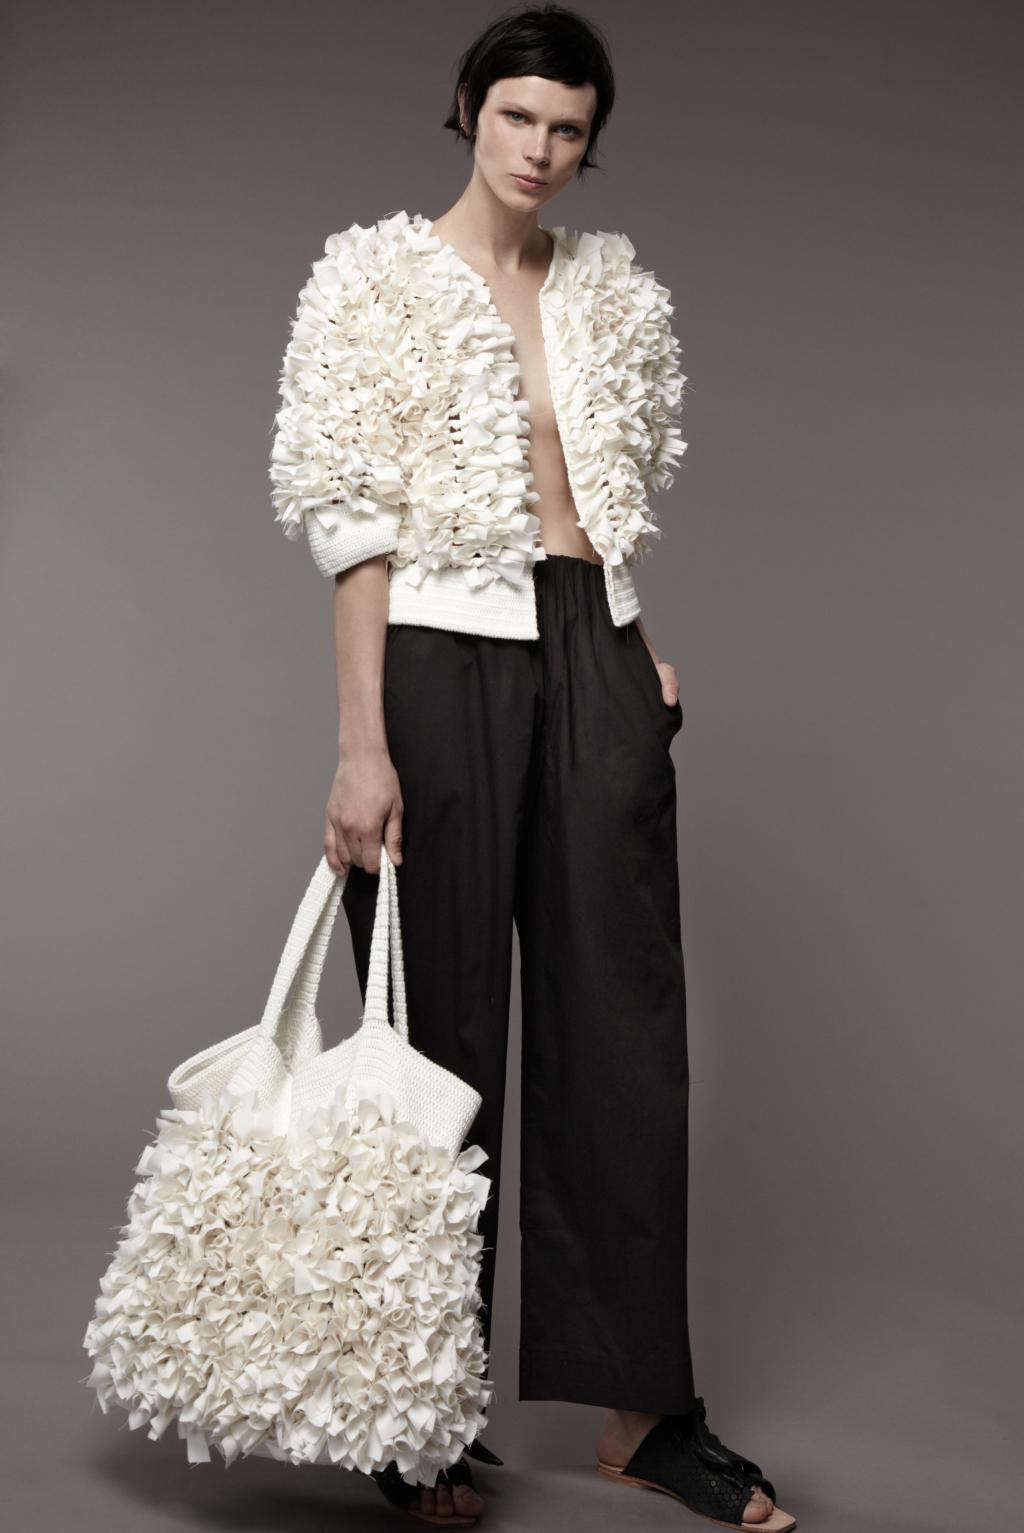 Воланы на белой кофте и сумке – модные тенденции этого сезона фото из коллекции M Patmos.